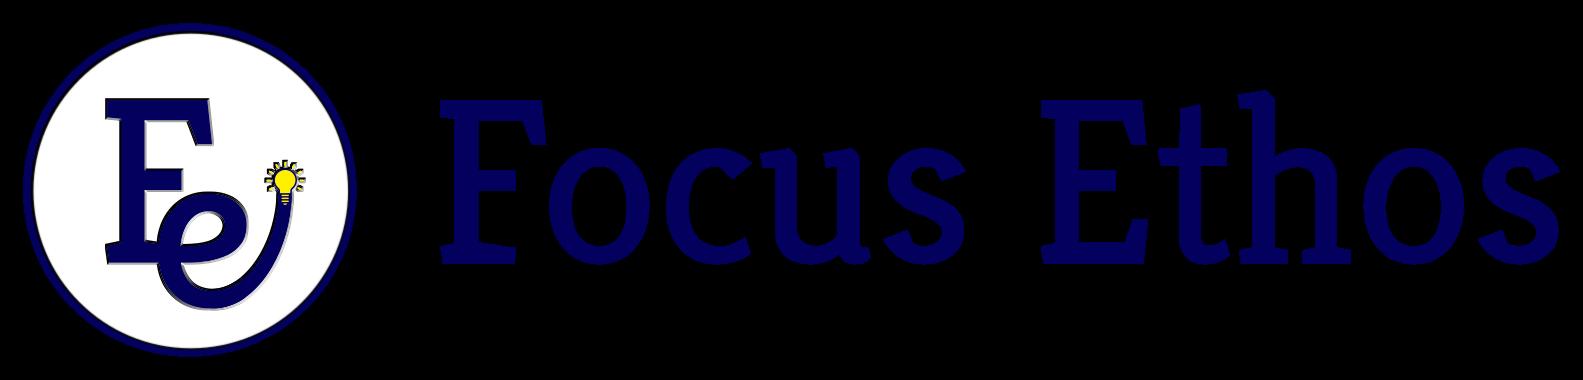 Focus Ethos